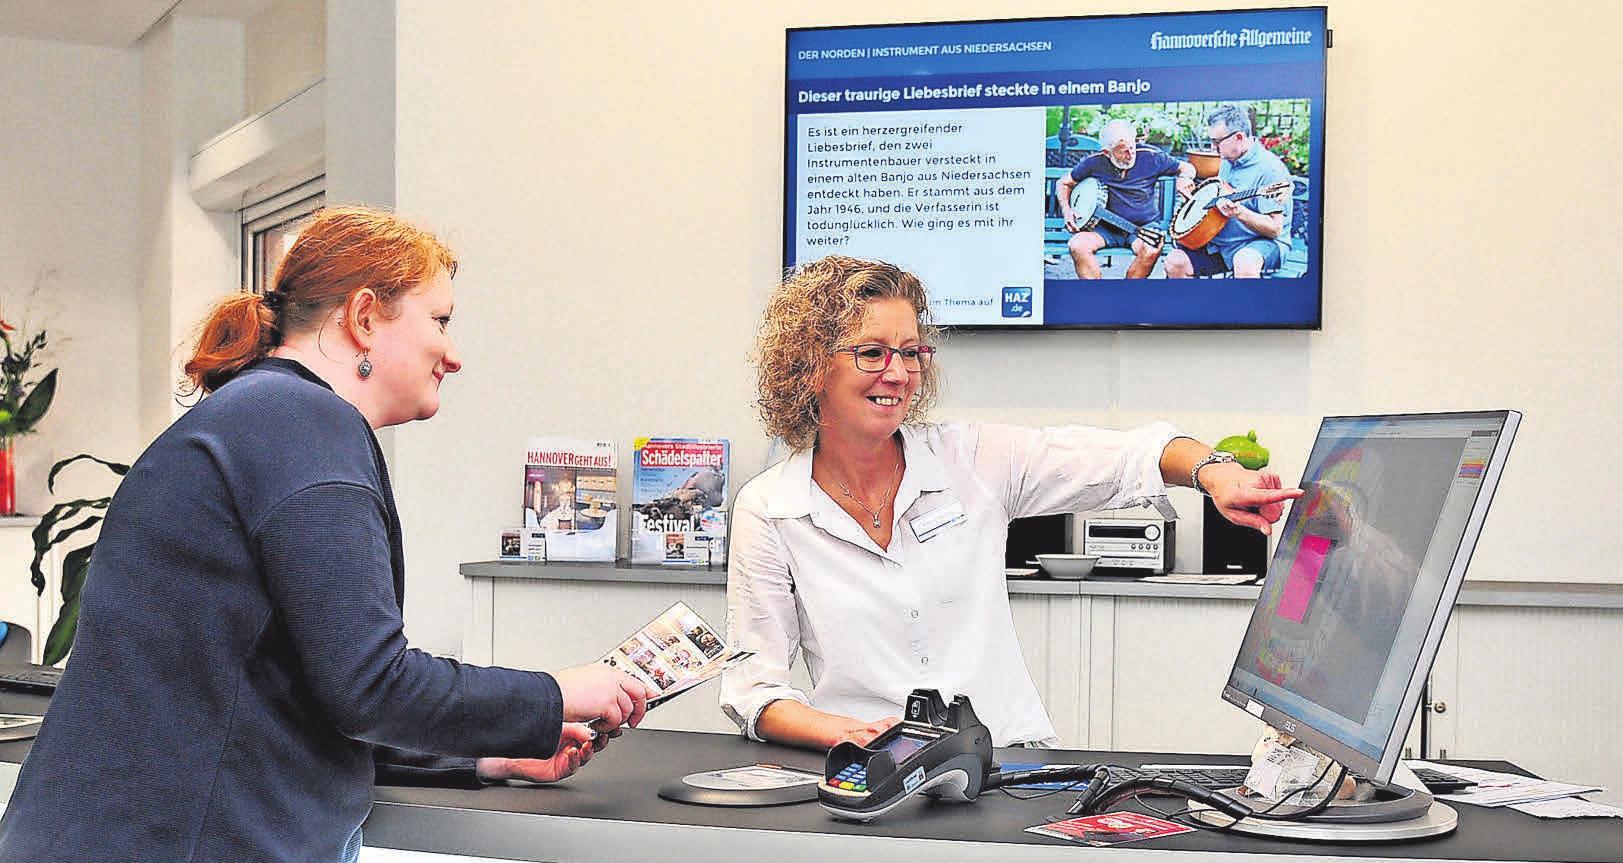 Servicemitarbeiterin Bianca Böning berät Kunden gern über Dienstleistungen und Produkte wie die Startpakete der Madsack Mediengruppe mit Tablet-PC, Datenflatrate, Apps und E-Paper-Zugängen.